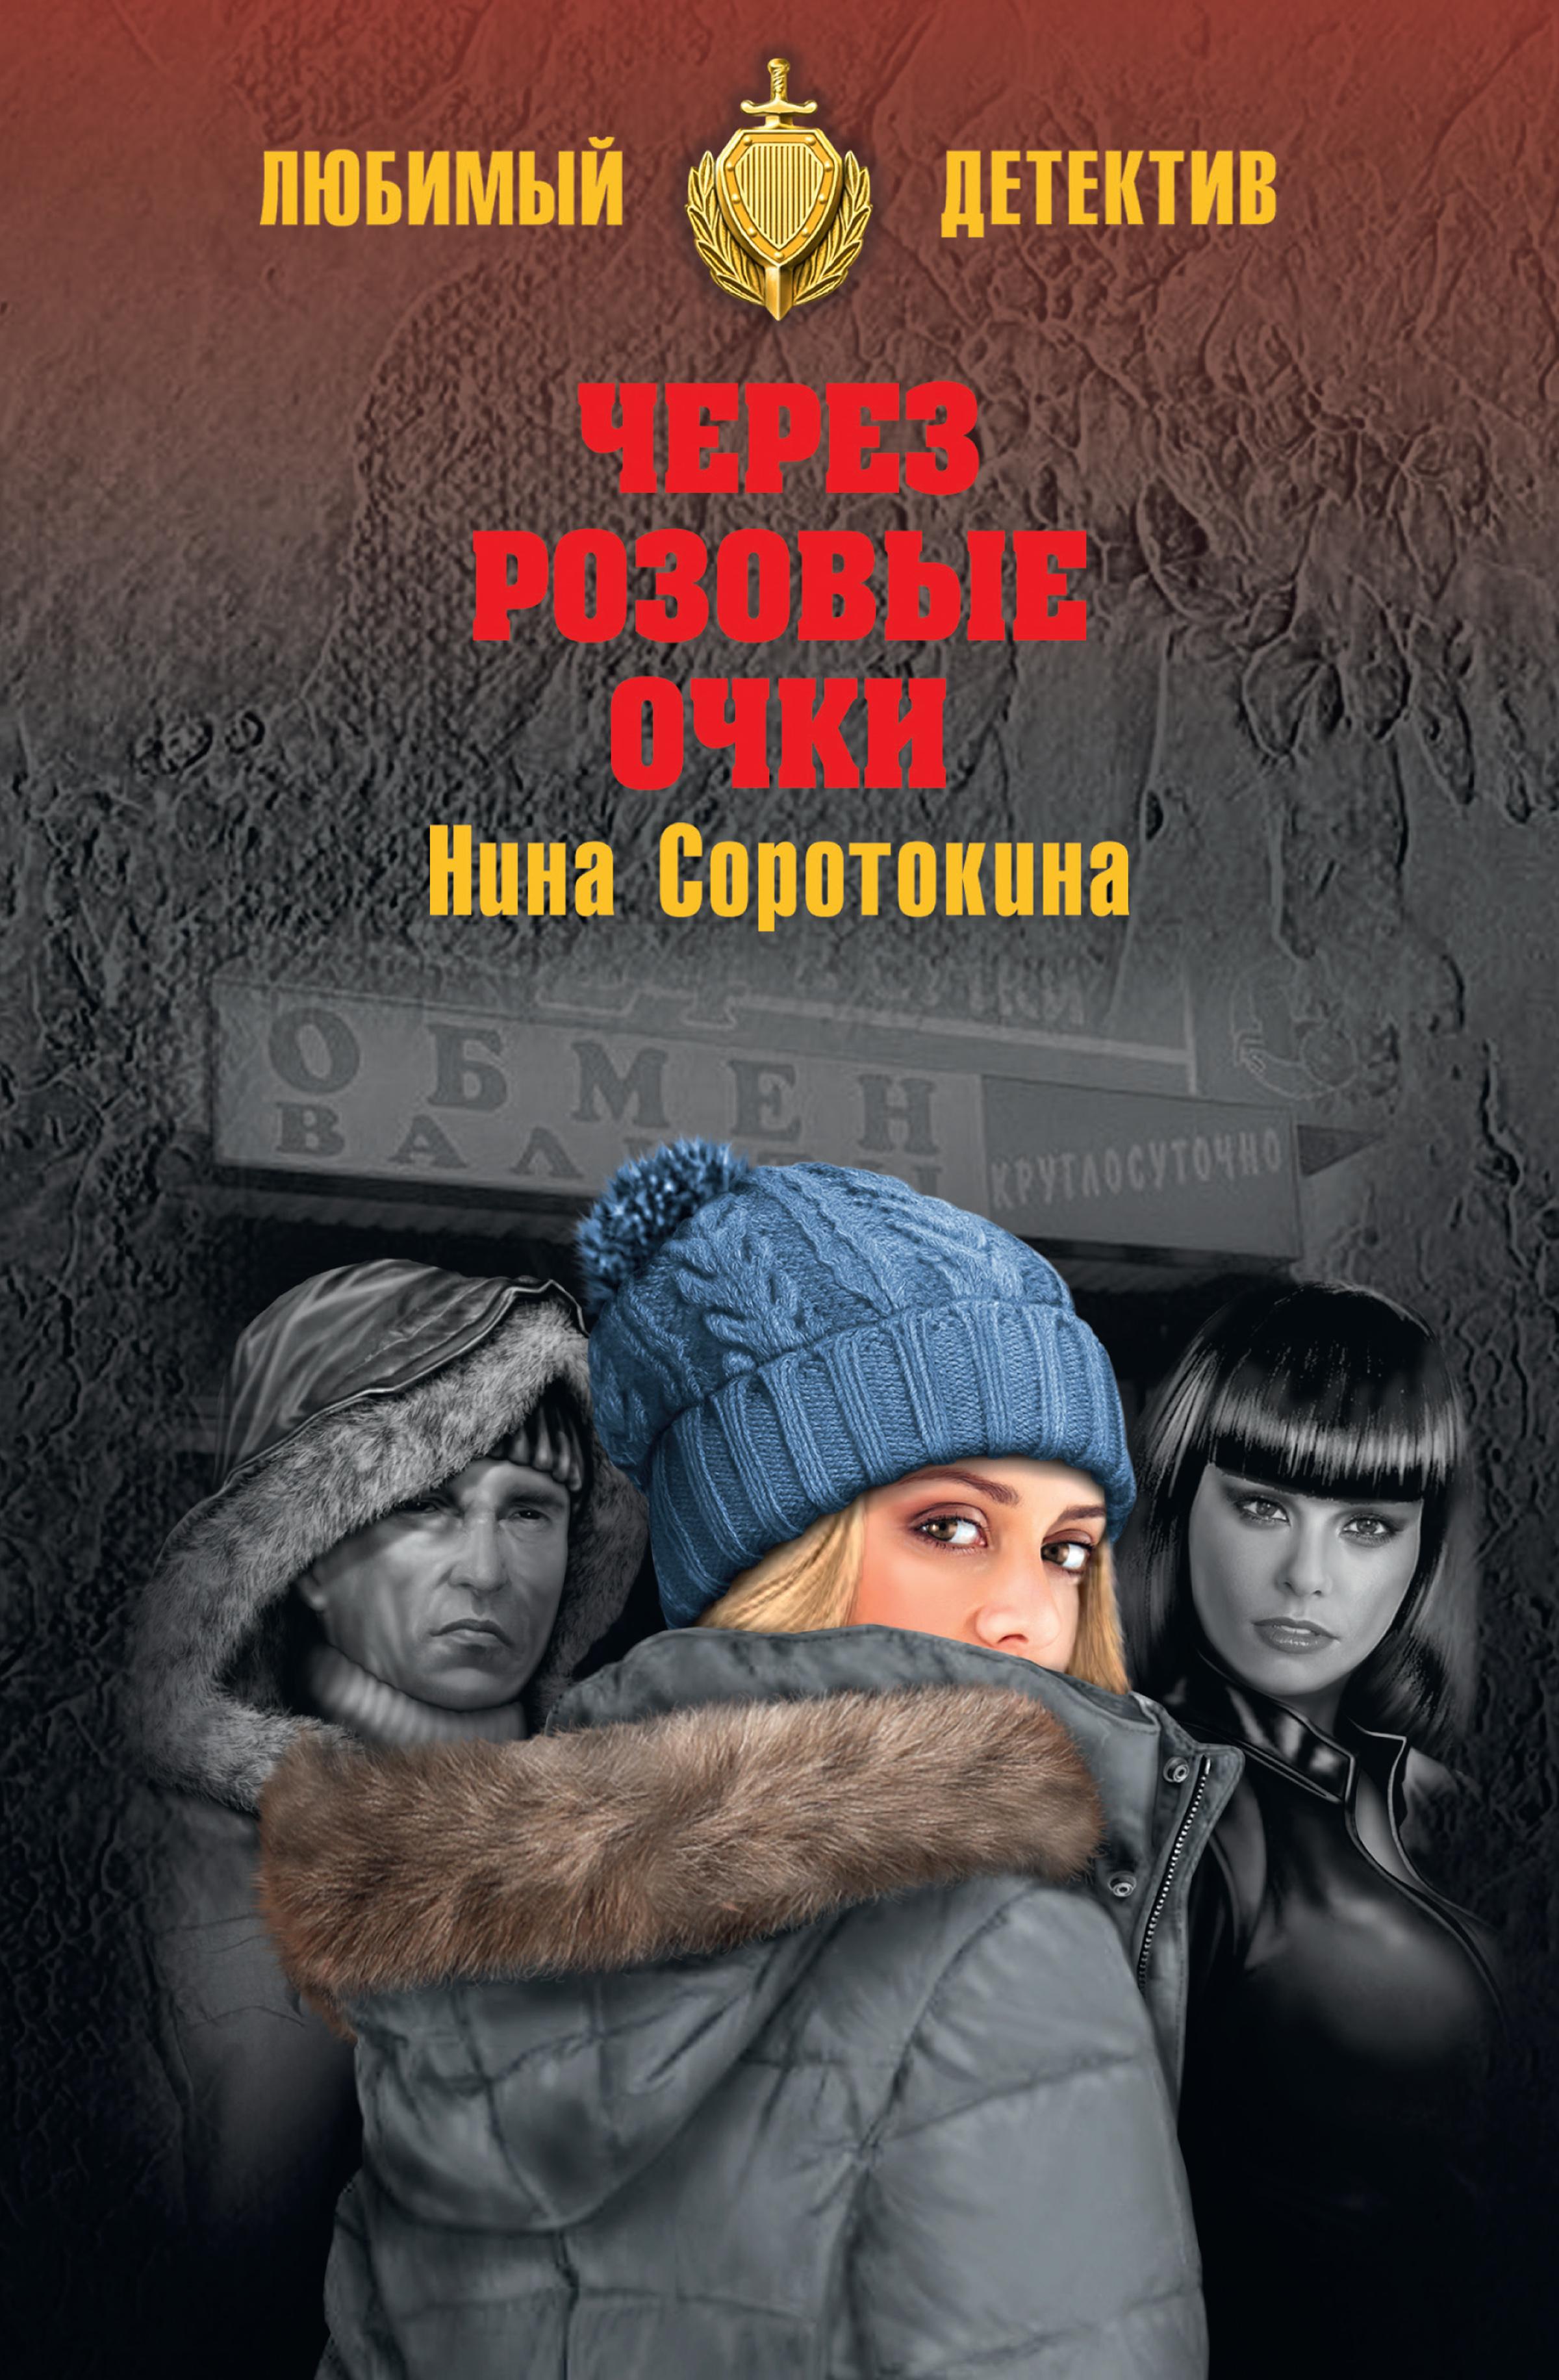 Нина Соротокина Через розовые очки. Летний детектив (сборник) соротокина н м через розовы очки летний детектив